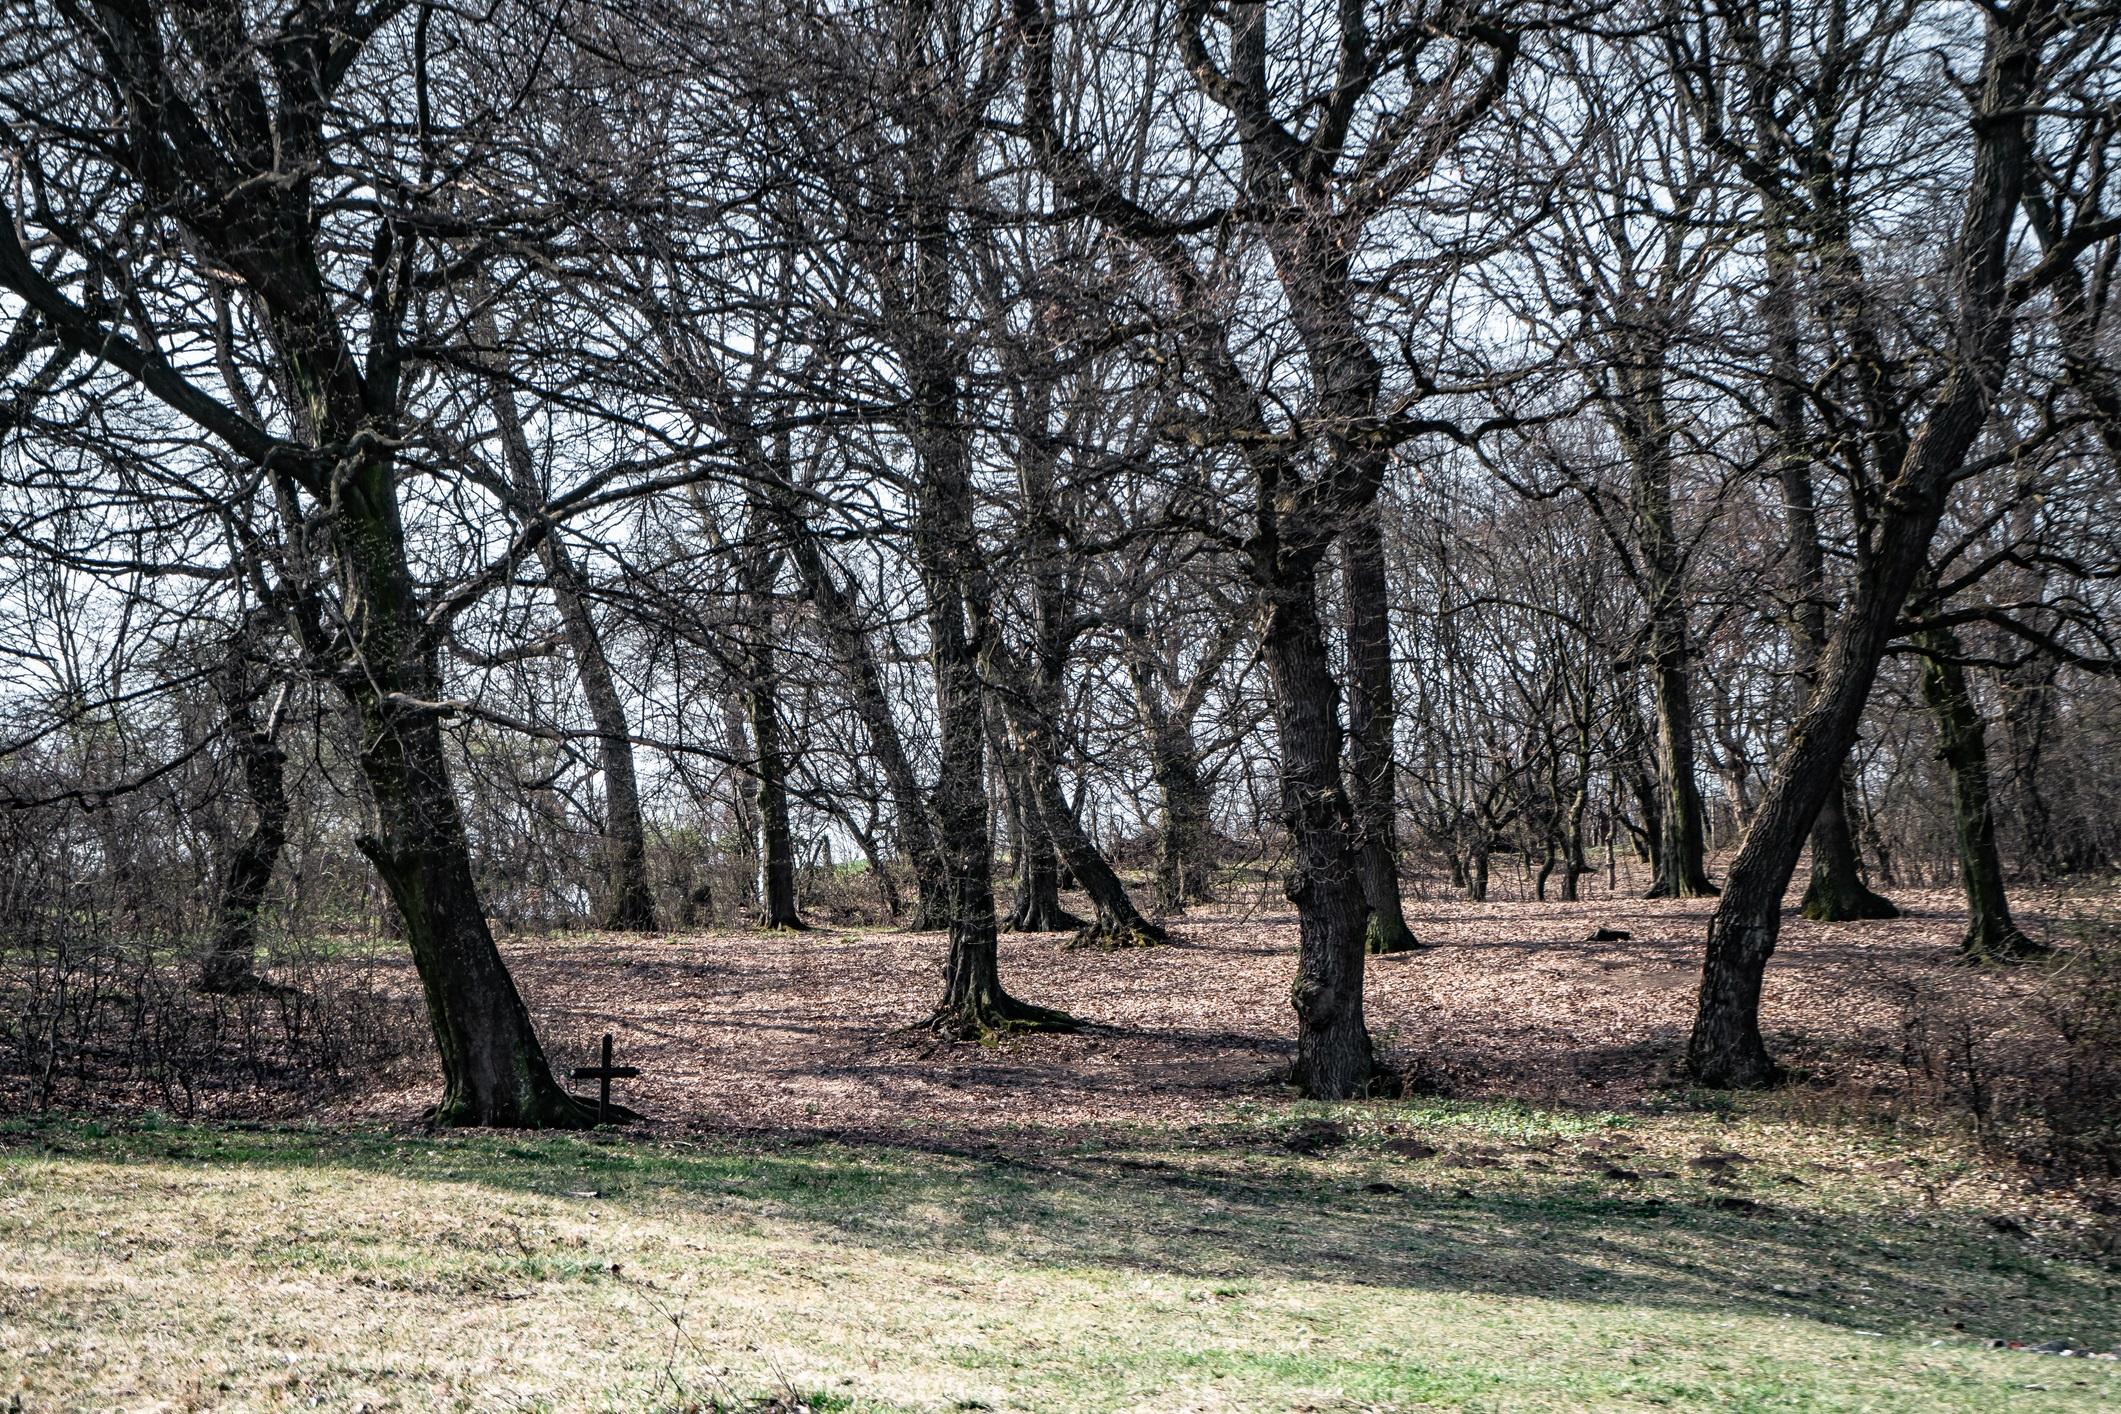 <p><strong>Гората Хоя Бачу в Румъния</strong></p>  <p>Тази зловеща гора се намира близо до град Клуж-Напока в Трансилвания. За първи път тя е обявена за &bdquo;обитавана&rdquo;, когато военен техник фотографира нещо, което обявява за НЛО и което се появява в онази част от гората, известна като &bdquo;просеката&rdquo; през 1968 г.</p>